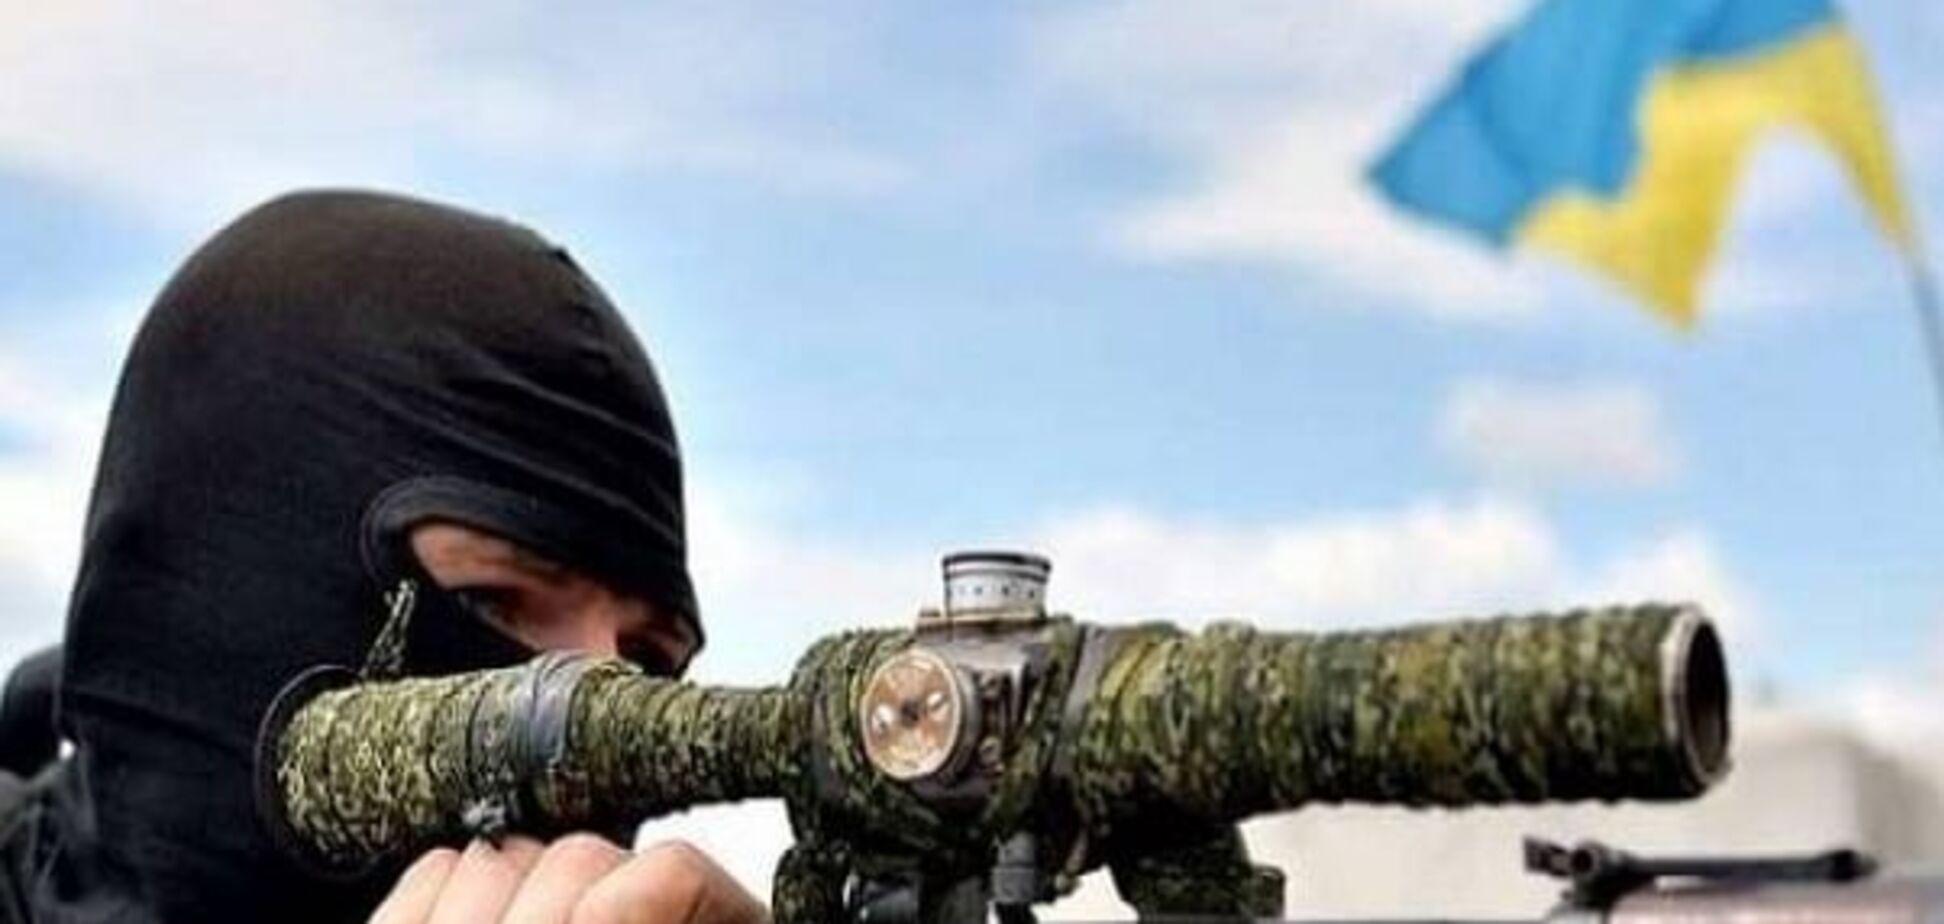 'У нас серьезный дефицит': эксперты рассказали о новых проблемах ВСУ на Донбассе